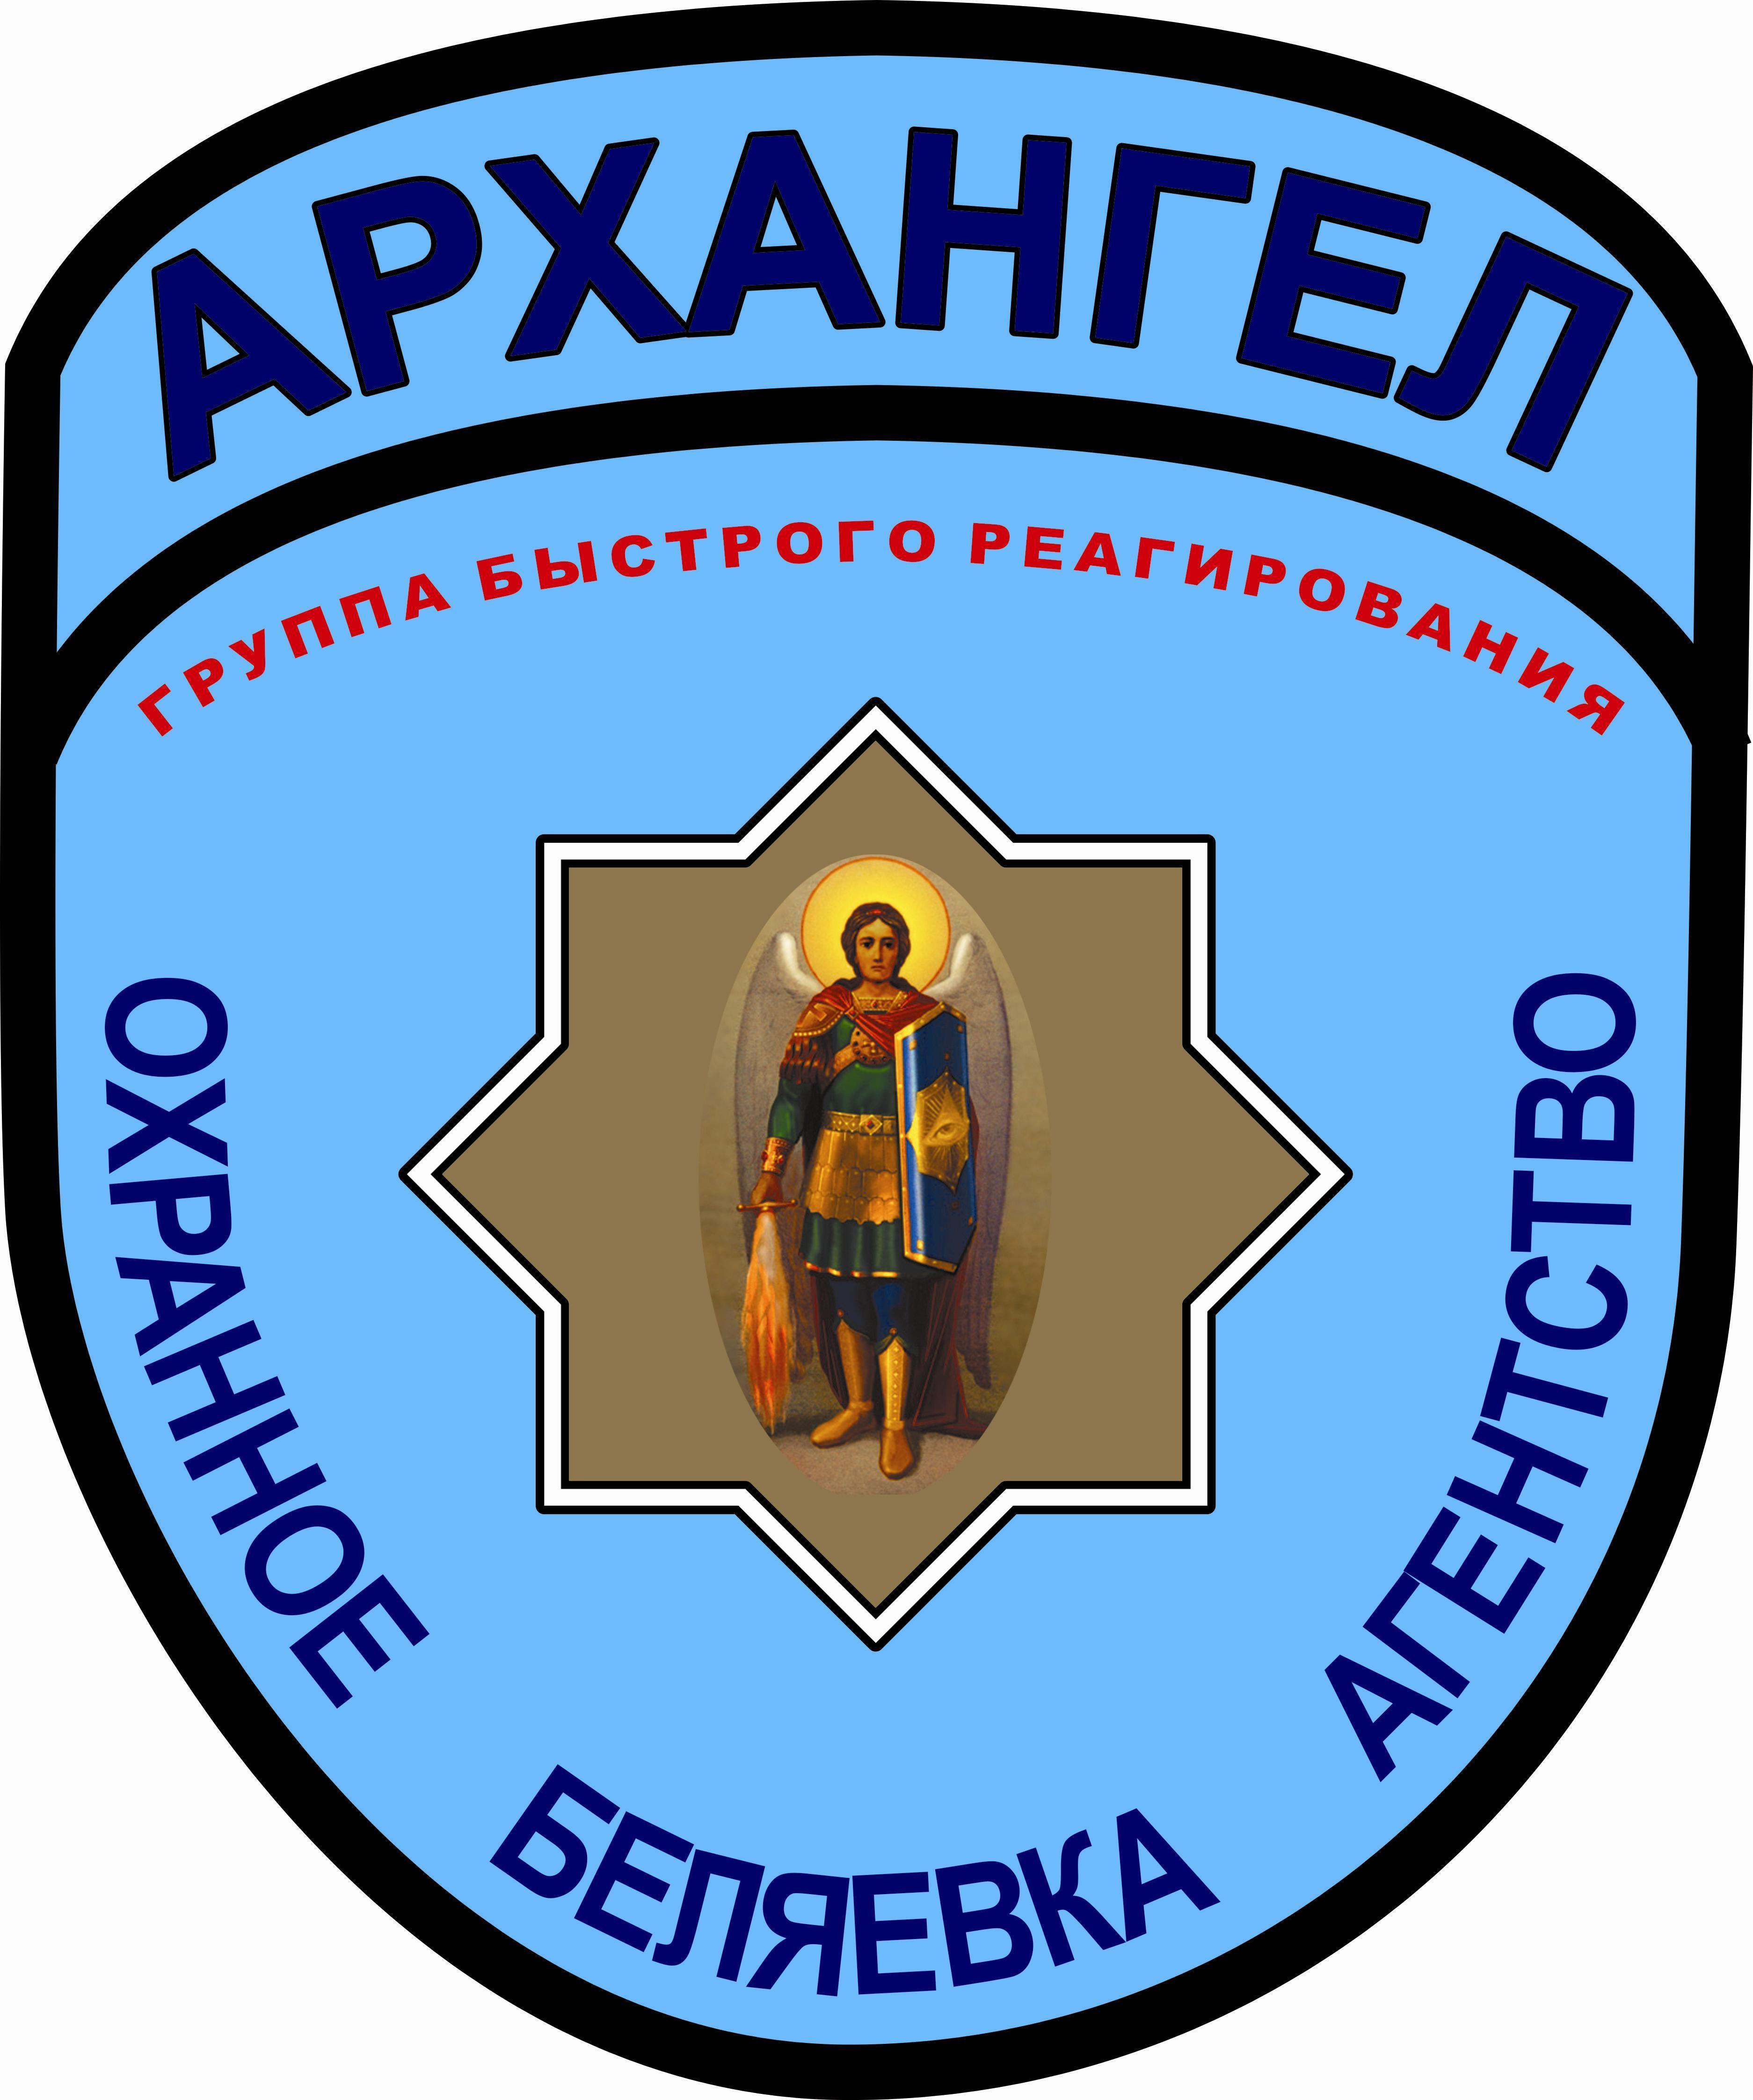 Охранное агентство АРХАНГЕЛ